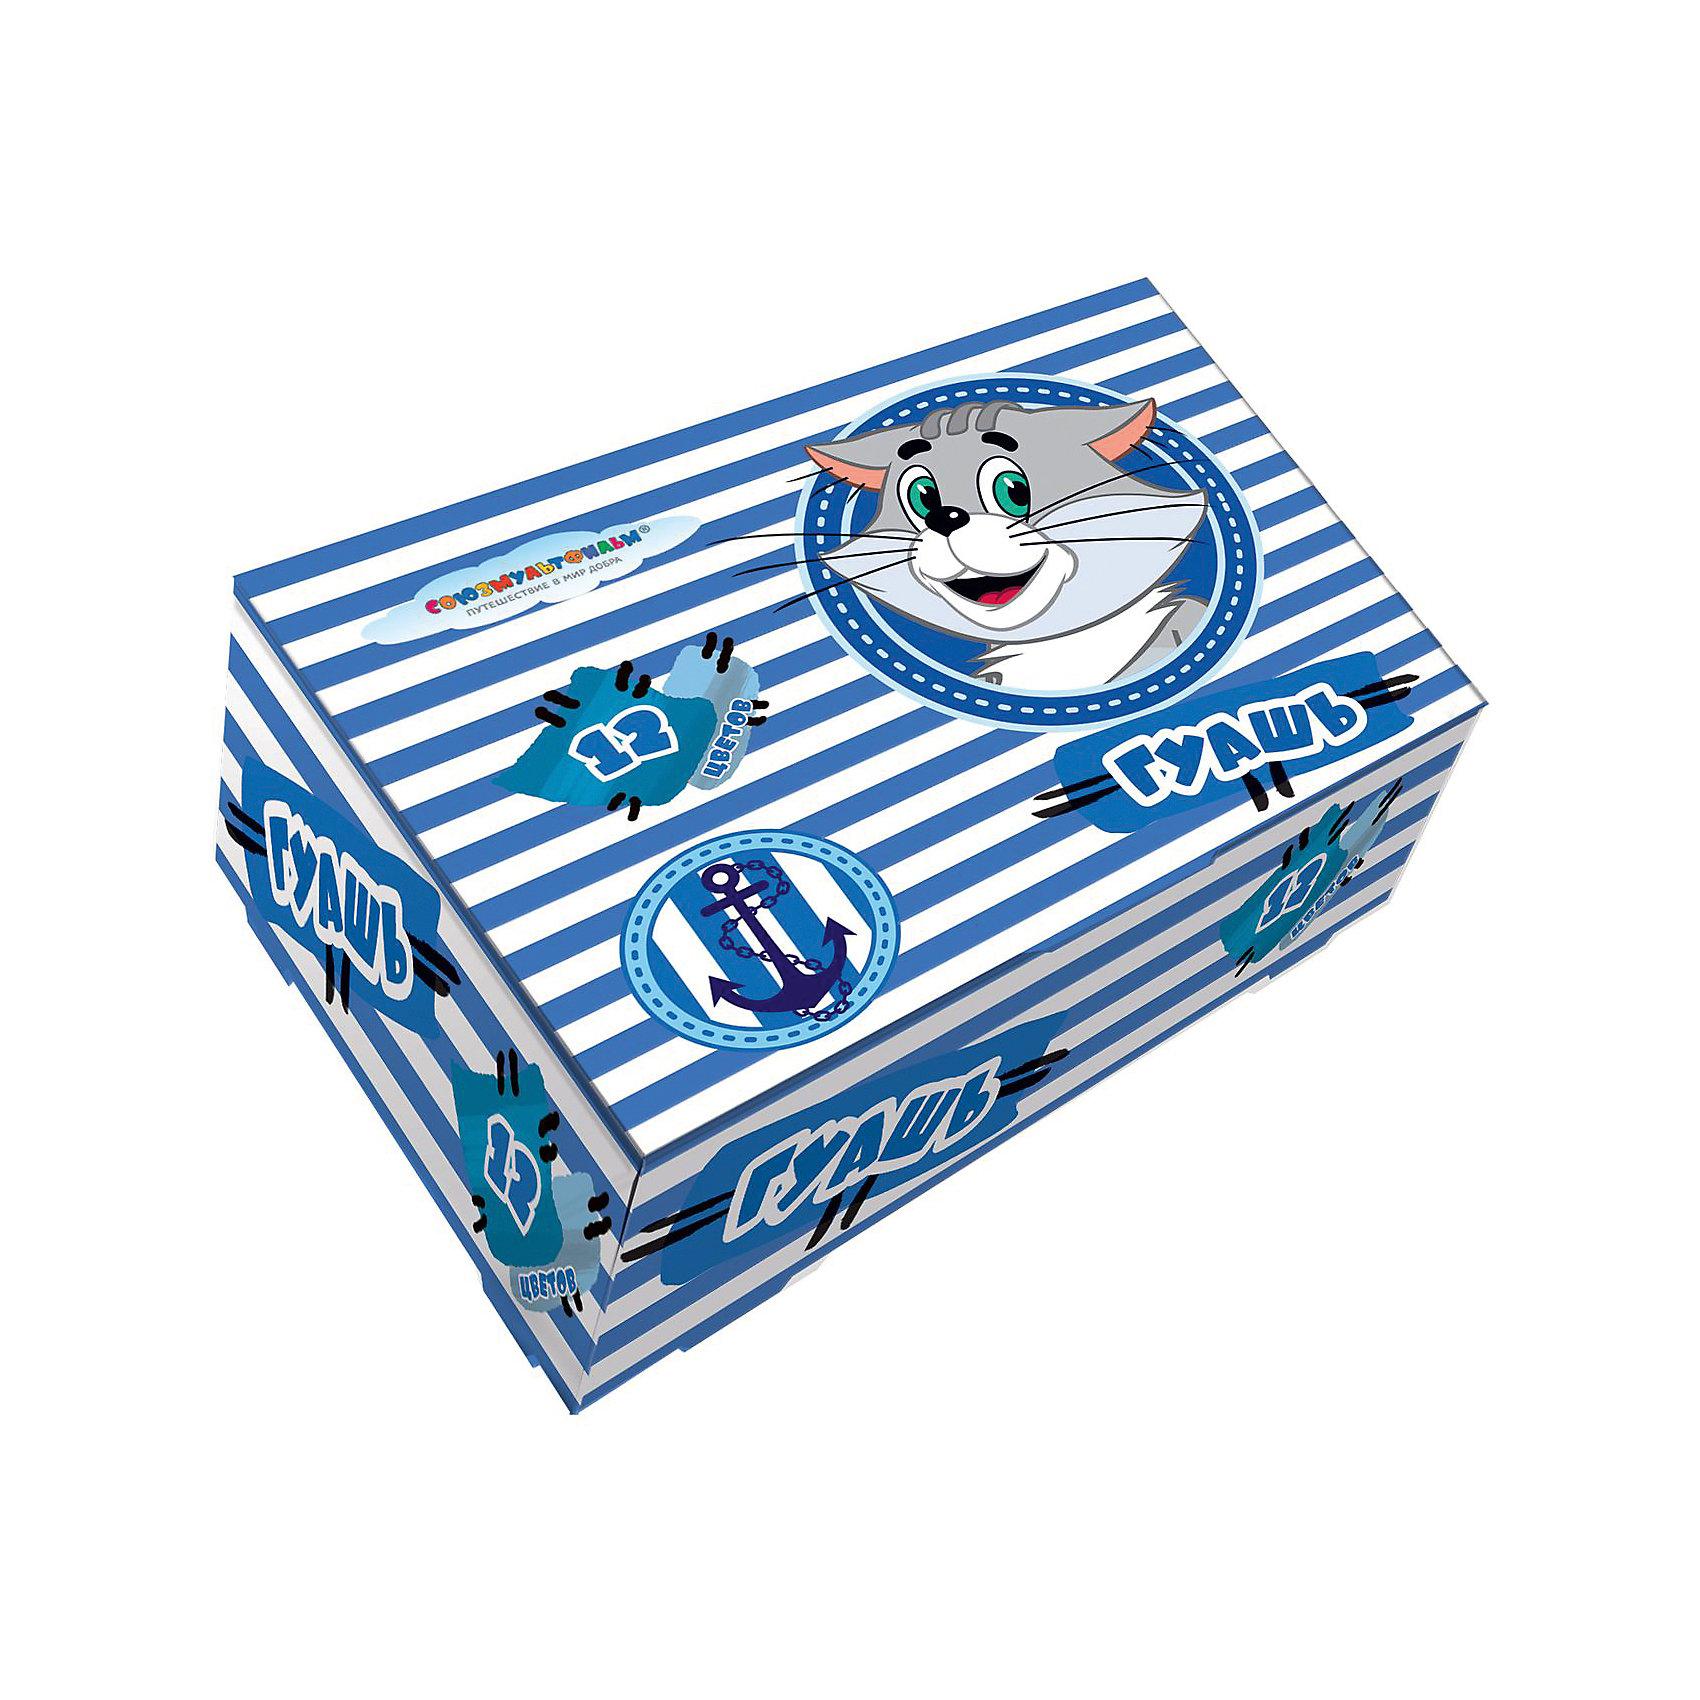 Гуашь Простоквашино,  12 цветовСоветские мультфильмы<br>В наборе «Простоквашино» ТМ «Союзмультфильм» 12 насыщенных цветов гуаши в прозрачных баночках по 17 мл с навинчивающимися крышками. Краска идеально подходит для рисования на бумаге, картоне, холсте, ткани и фанере: она хорошо размывается водой, легко наносится, при высыхании приобретает матовую, бархатистую поверхность. Гуашь легко смывается с рук и одежды, безопасна при использовании по назначению. Состав: вода питьевая, метилцеллюлоза, пигменты органические и неорганические, глицерин. Срок годности: 18 месяцев.<br><br>Ширина мм: 150<br>Глубина мм: 110<br>Высота мм: 35<br>Вес г: 346<br>Возраст от месяцев: 48<br>Возраст до месяцев: 120<br>Пол: Унисекс<br>Возраст: Детский<br>SKU: 4637458